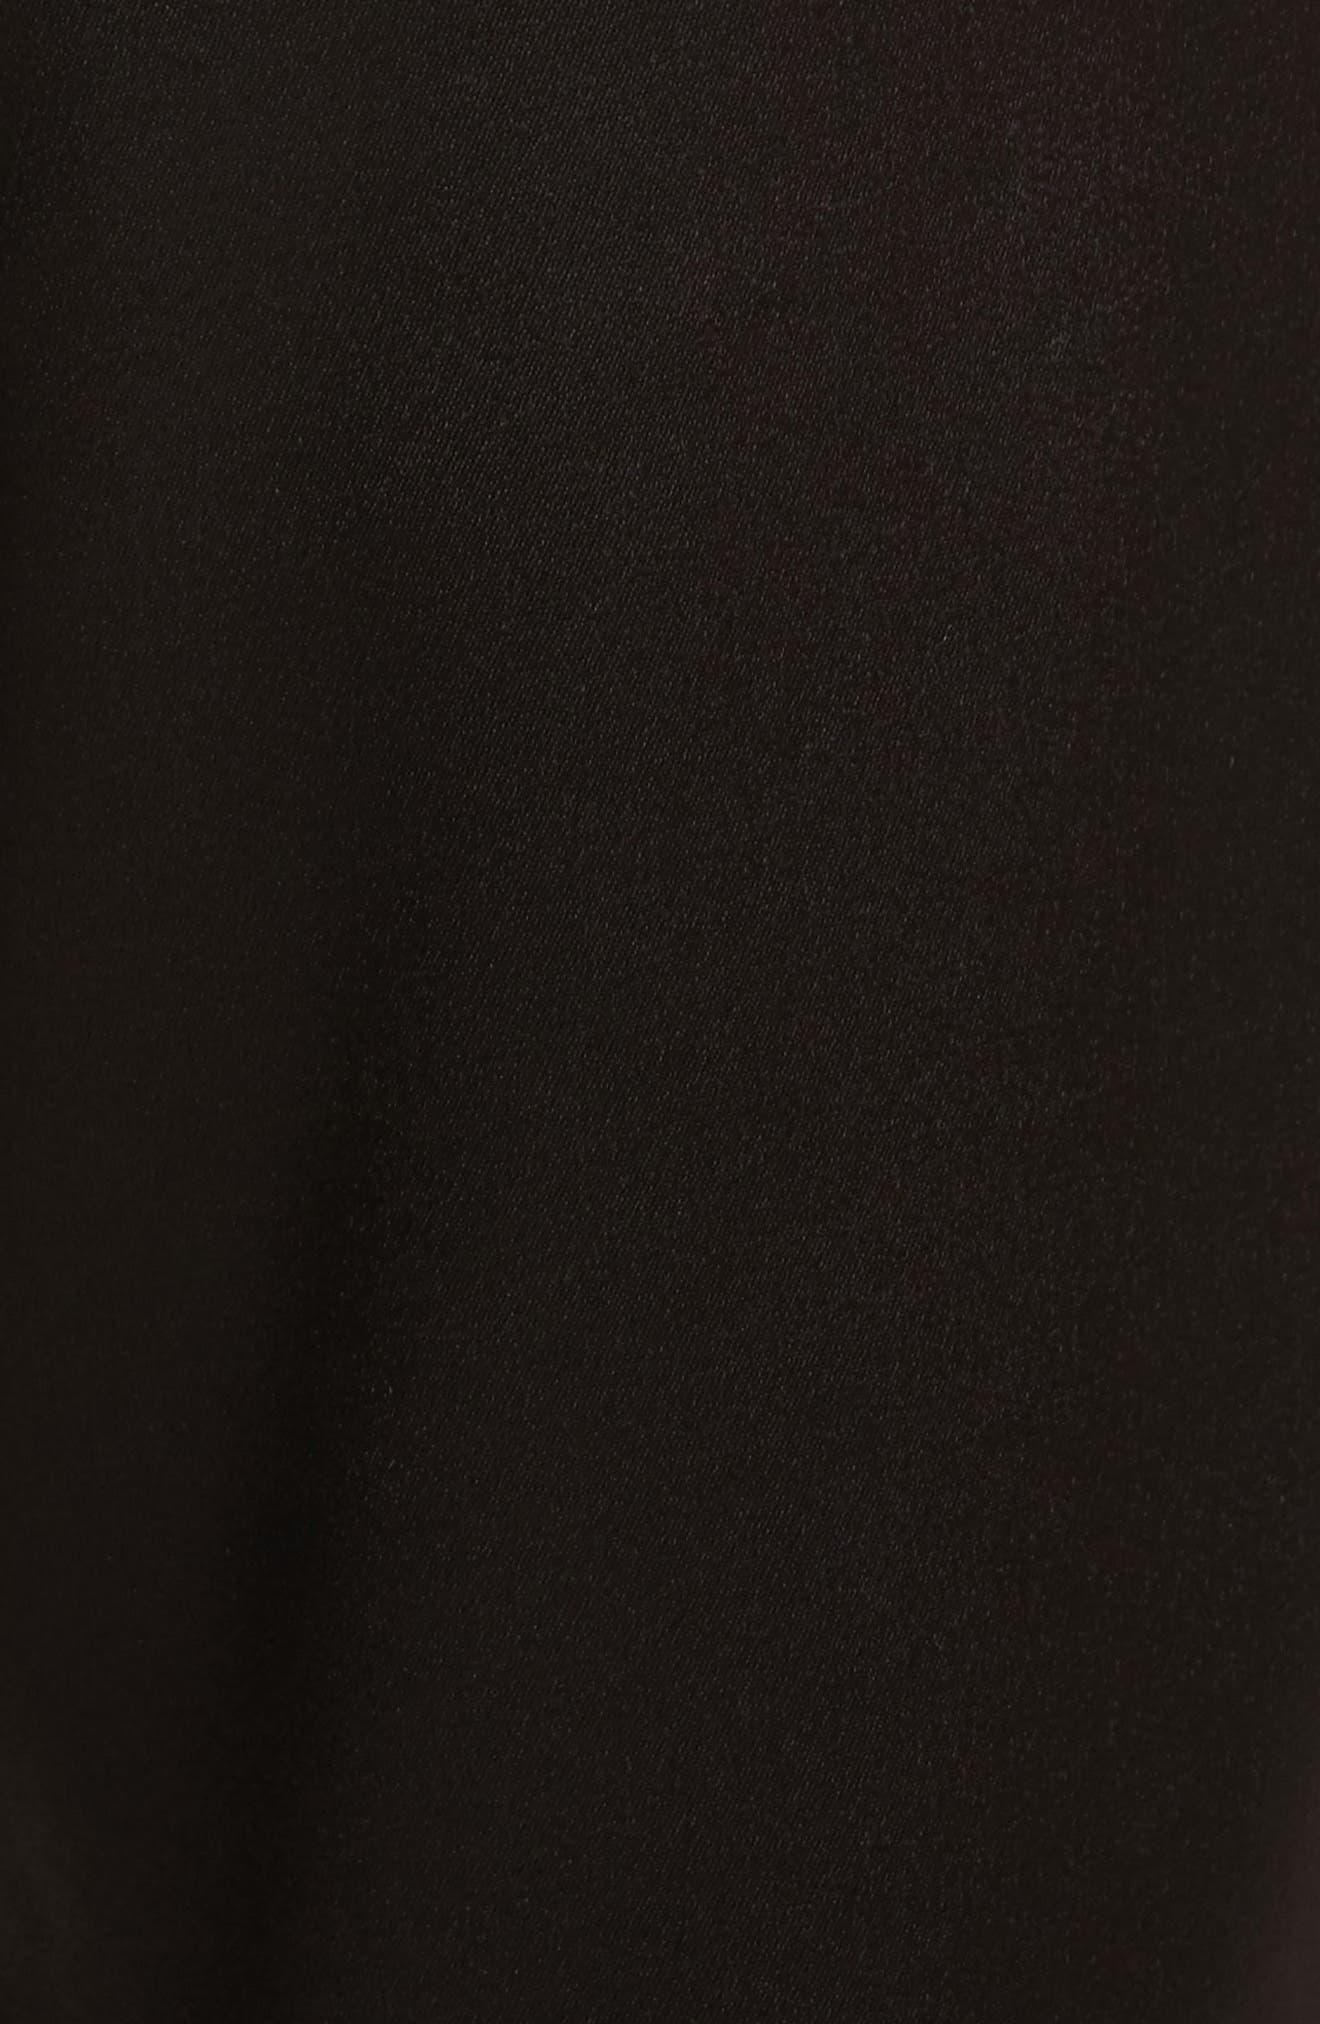 Pete Embellished Side Jogger Pants,                             Alternate thumbnail 5, color,                             Black